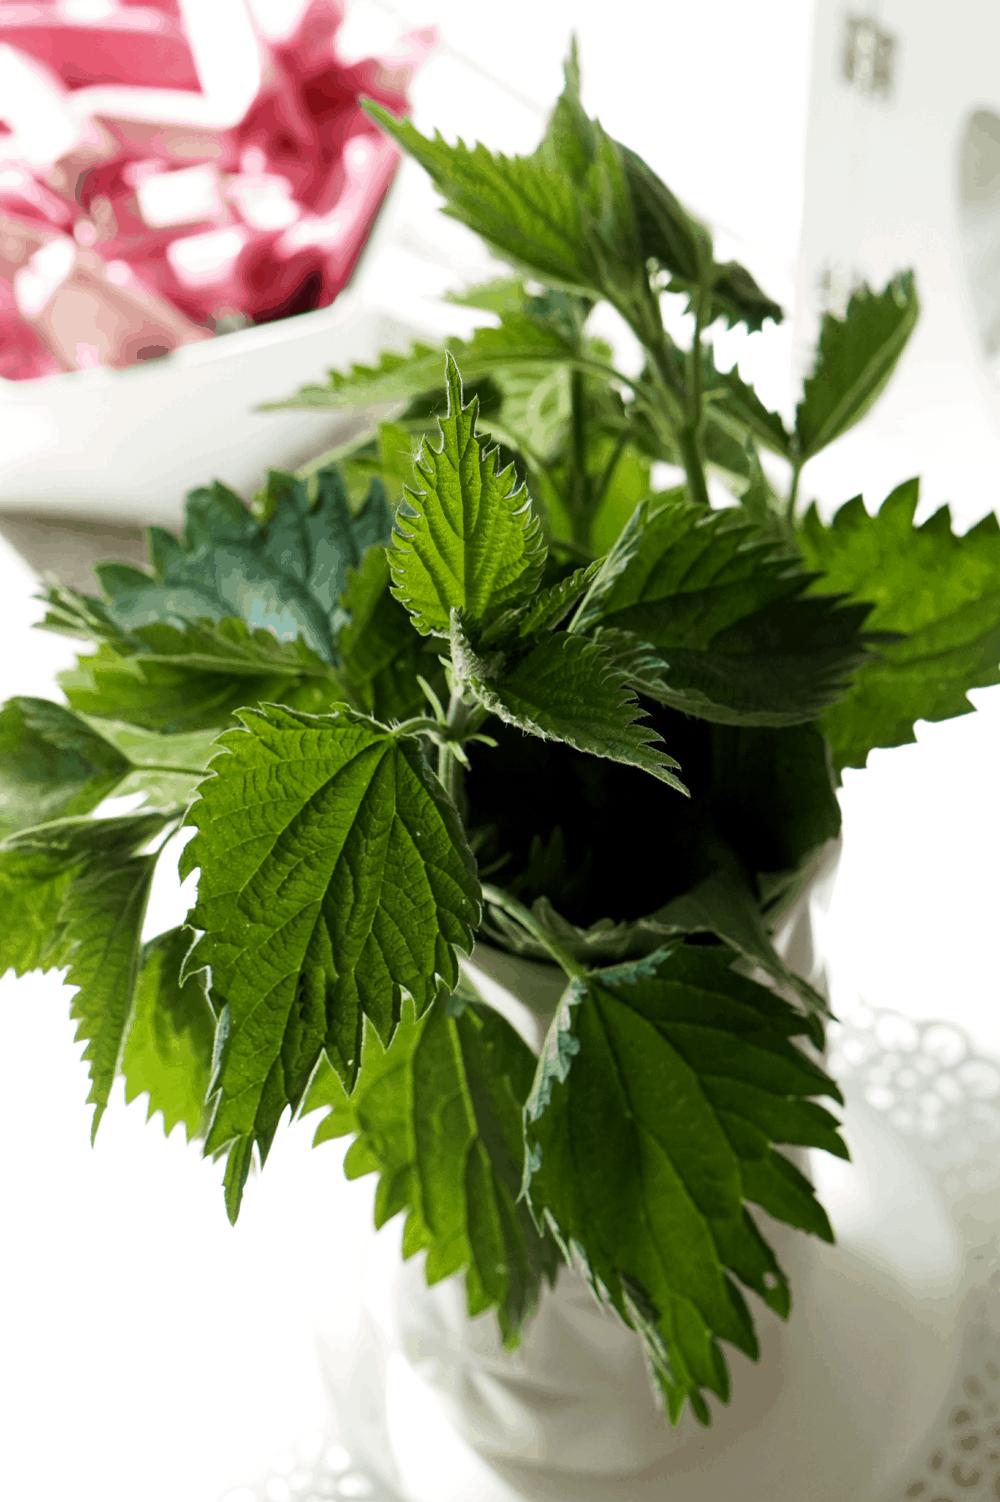 Majowa pokrzywa – dlaczego warto ją wykorzystać i co można z niej zrobić. Sok, herbata a może płukanka z pokrzyw?